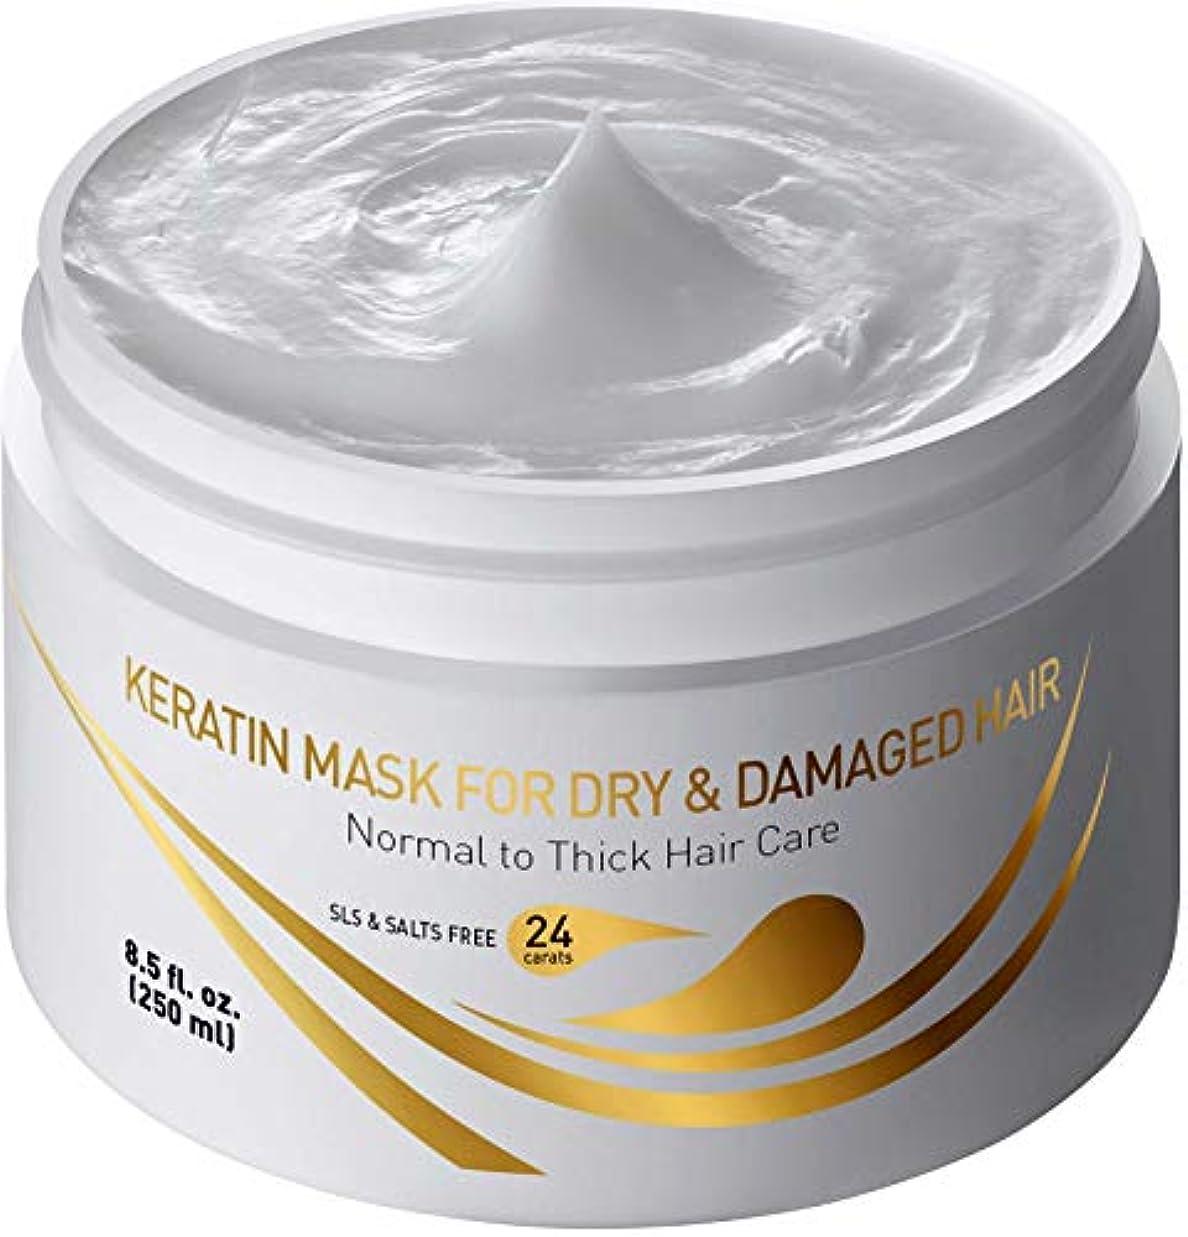 見捨てられたスポーツマン火薬Keratin Mask for Dry & Damaged Hair 8.5 fl.oz. 250 ml